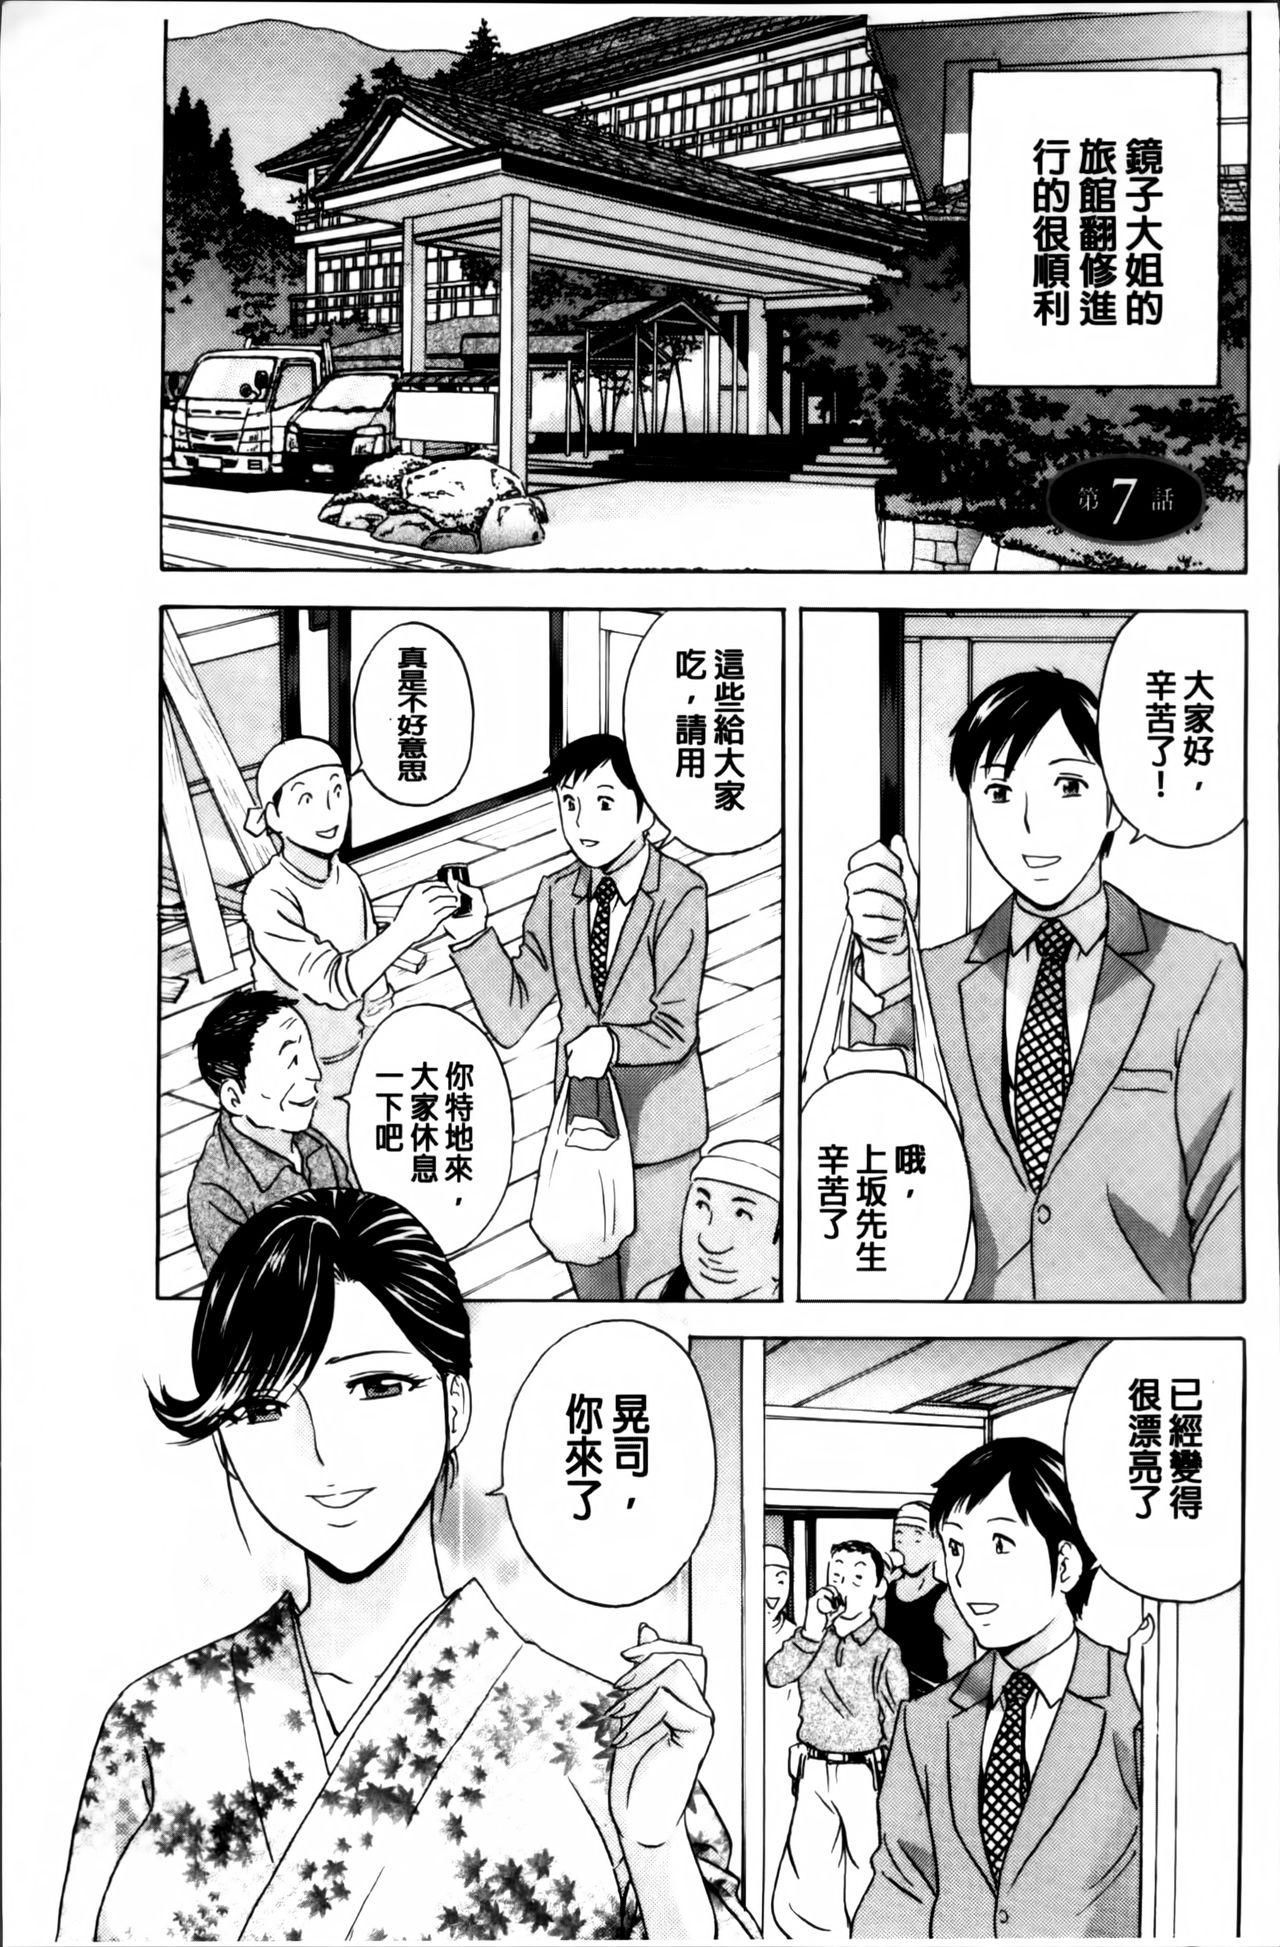 Midara Shimai Asobi 125